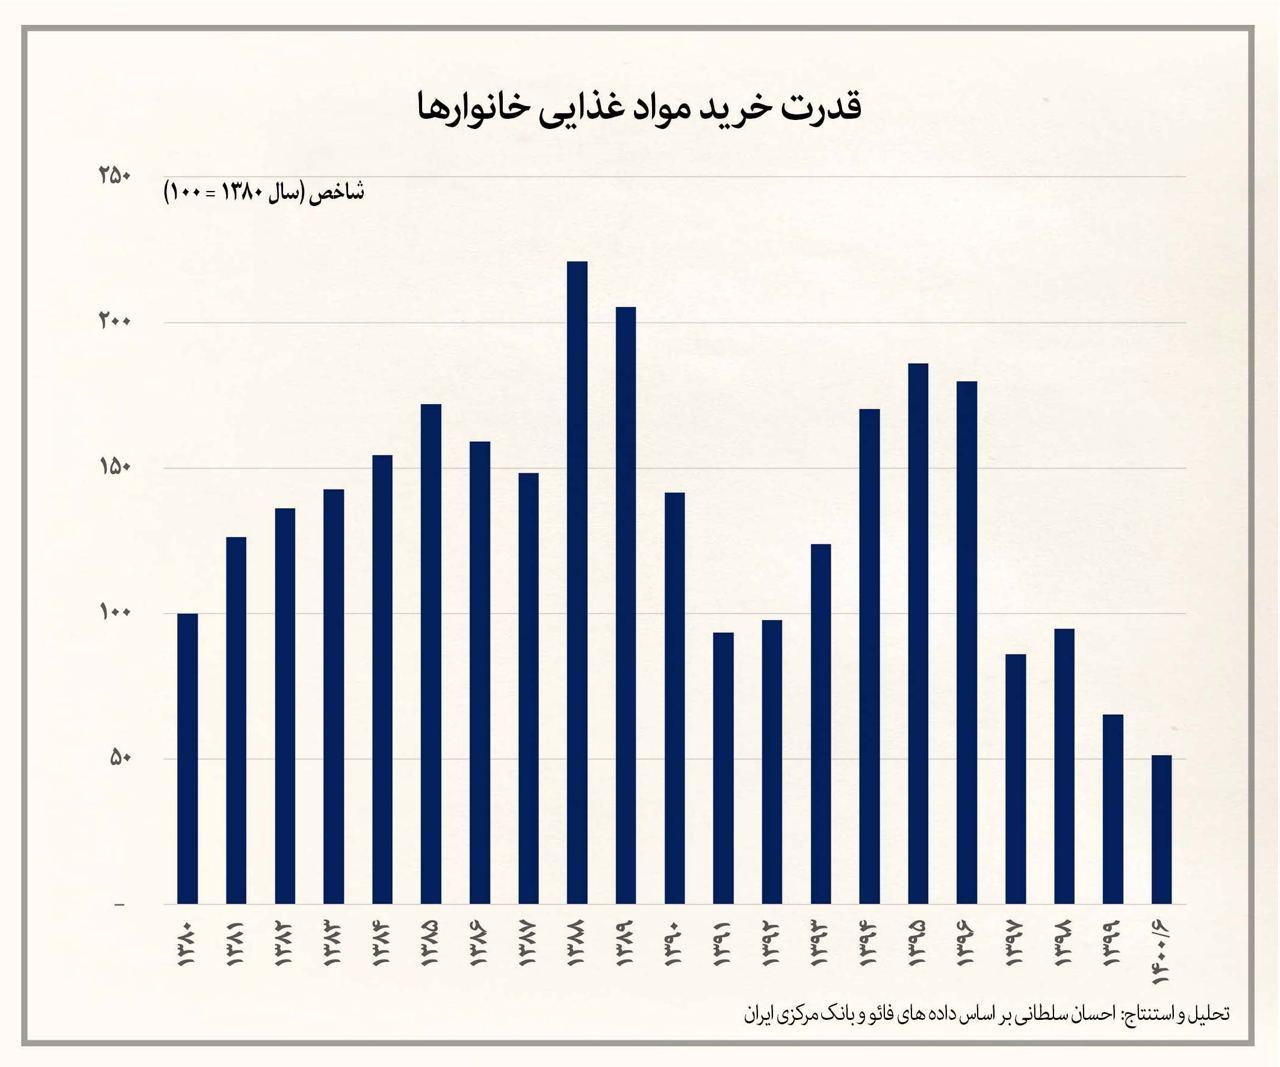 قیمت مواد غذایی در ایران